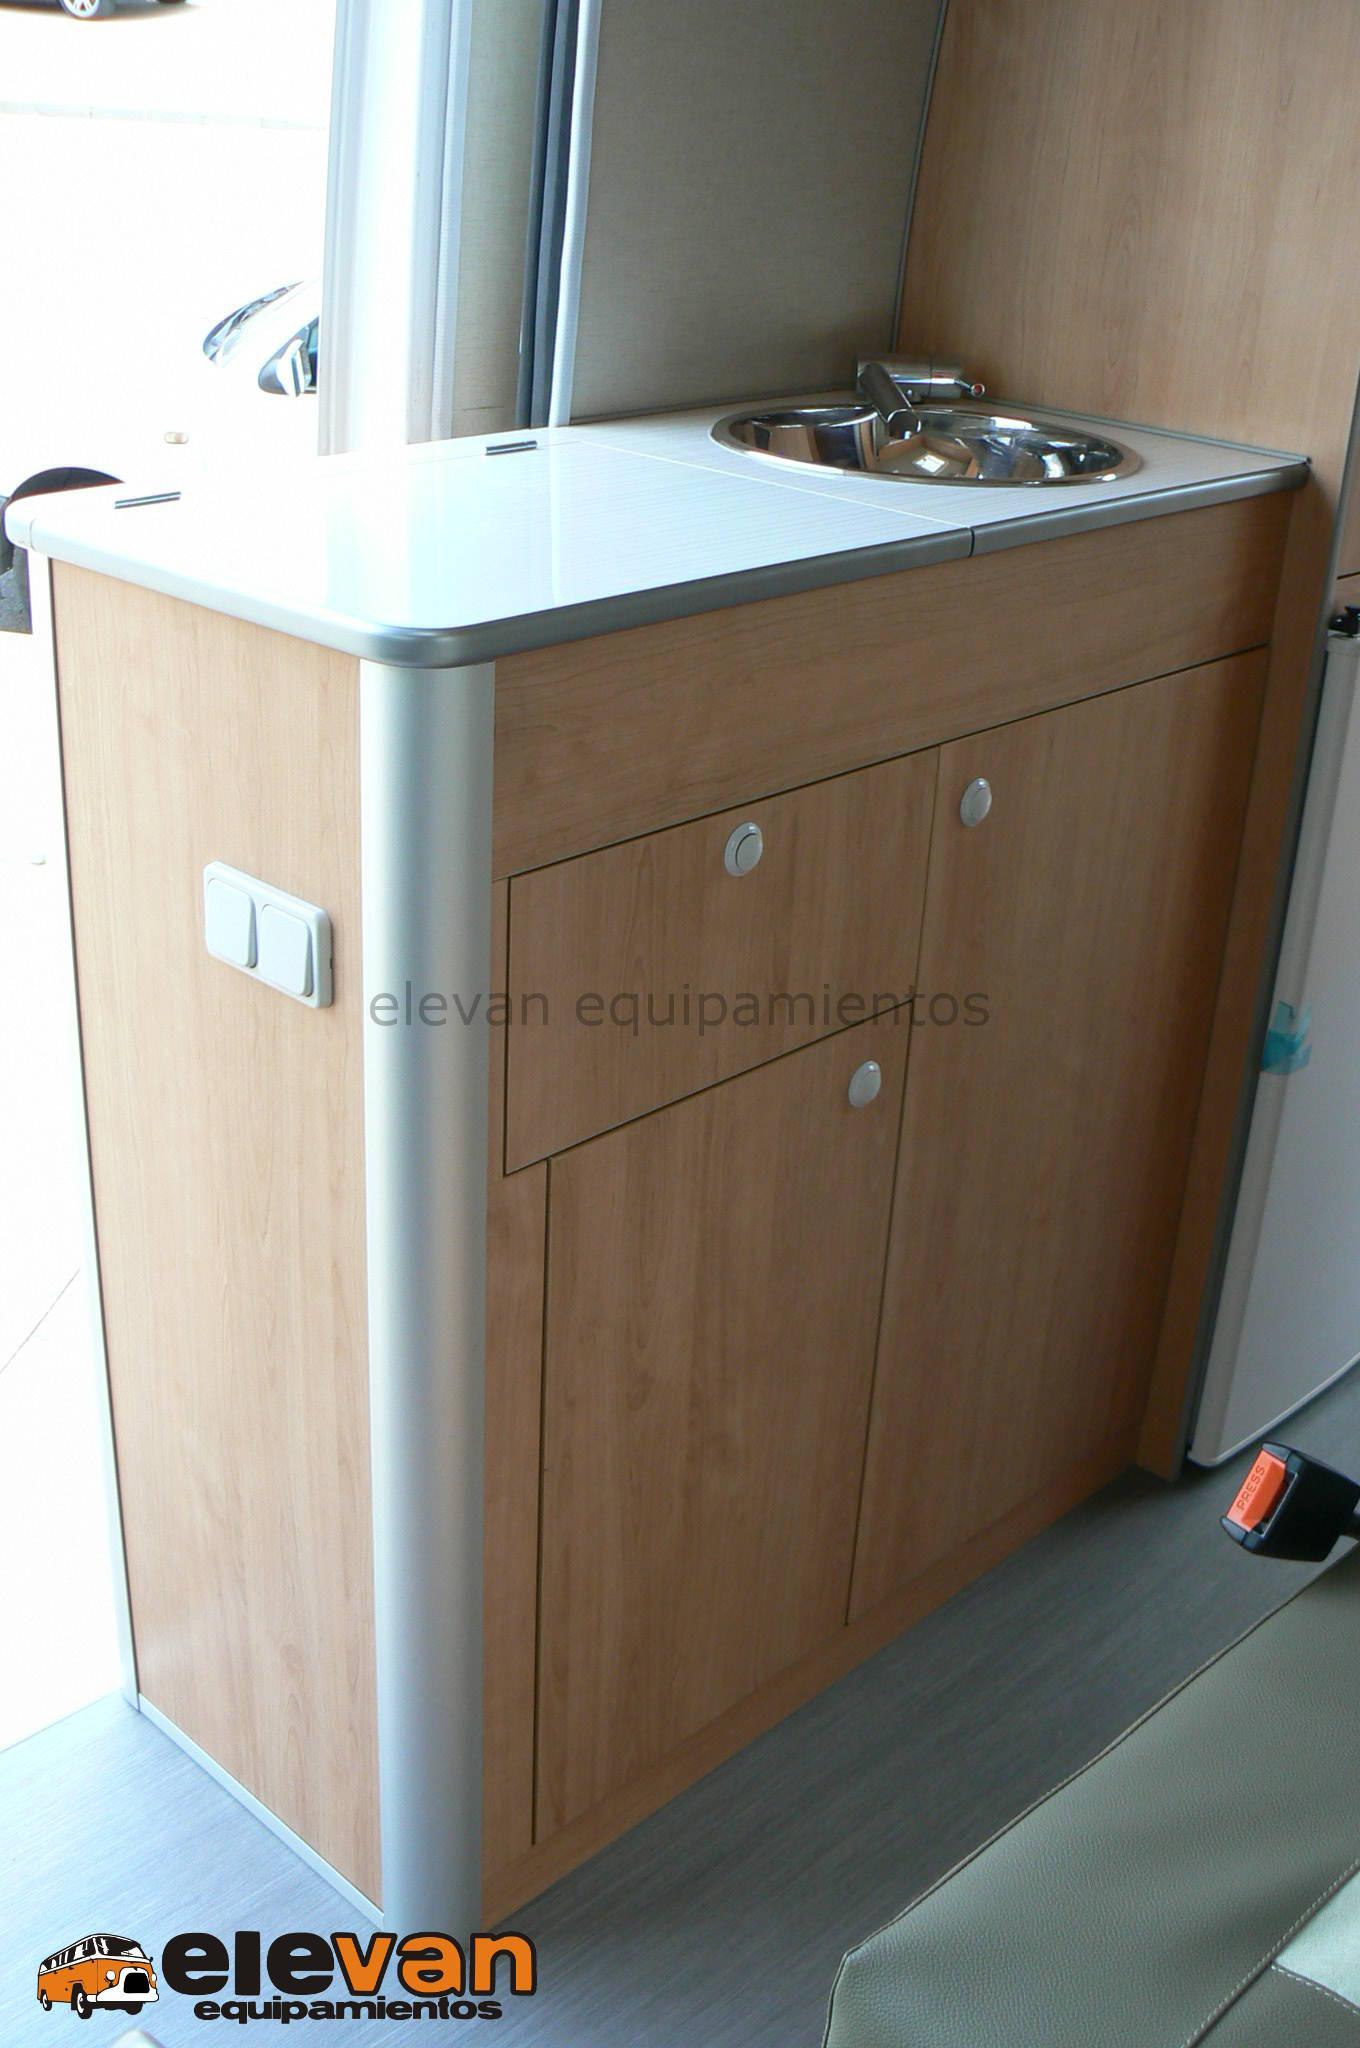 Mobiliario mueble cocina elevan equipamientos for Mobiliario cocina